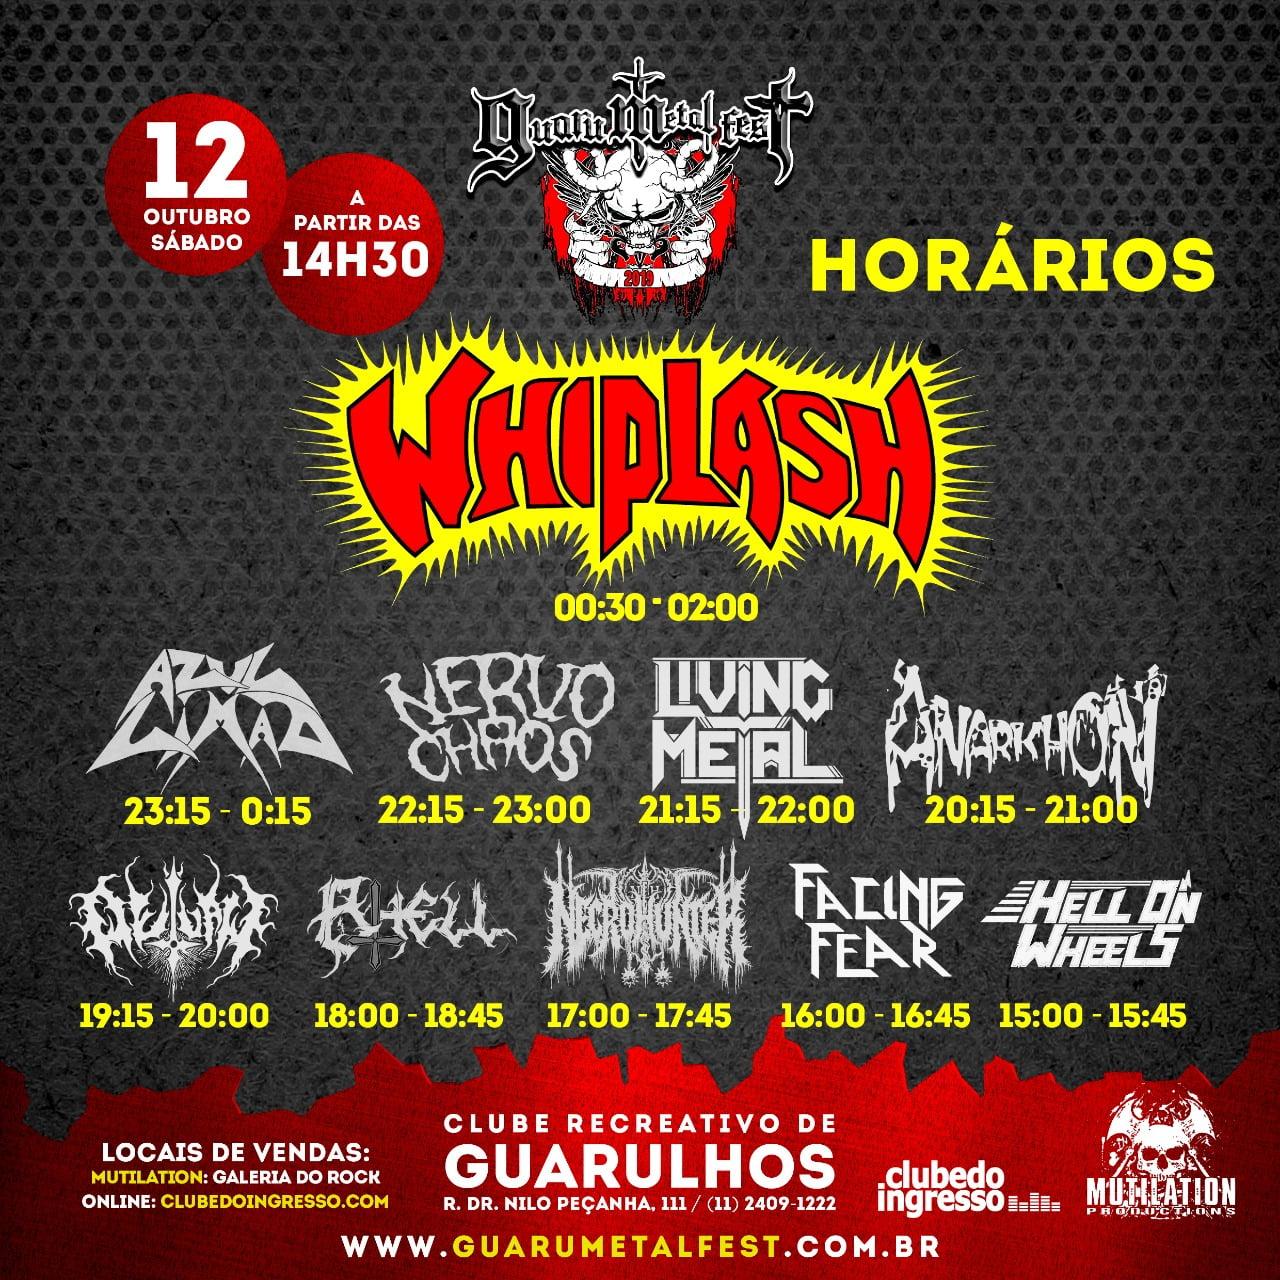 Veja os horários das atrações do Guaru Metal Fest